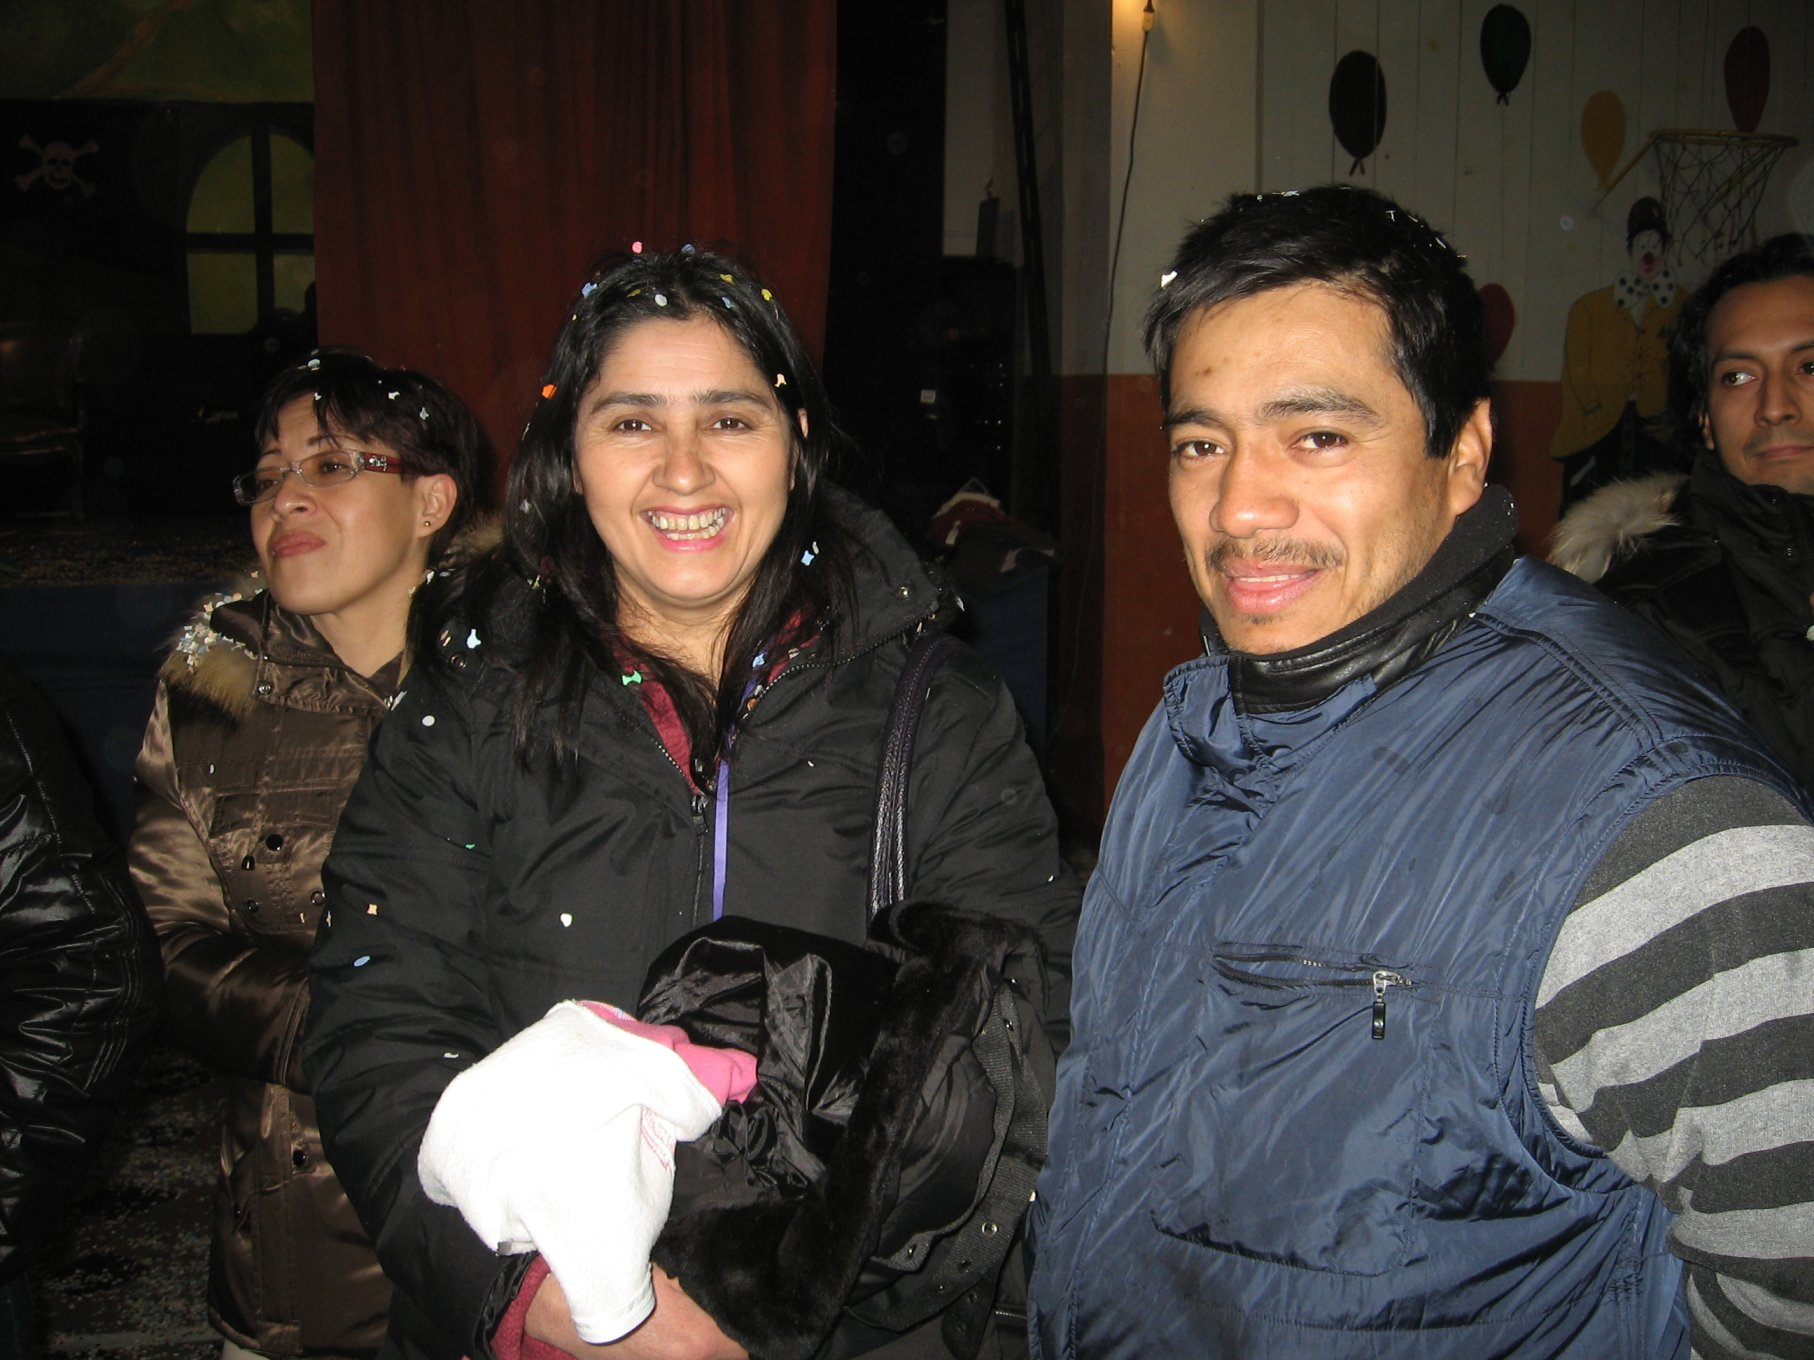 Pentolaccia-2009-02-22--17.15.54.jpg